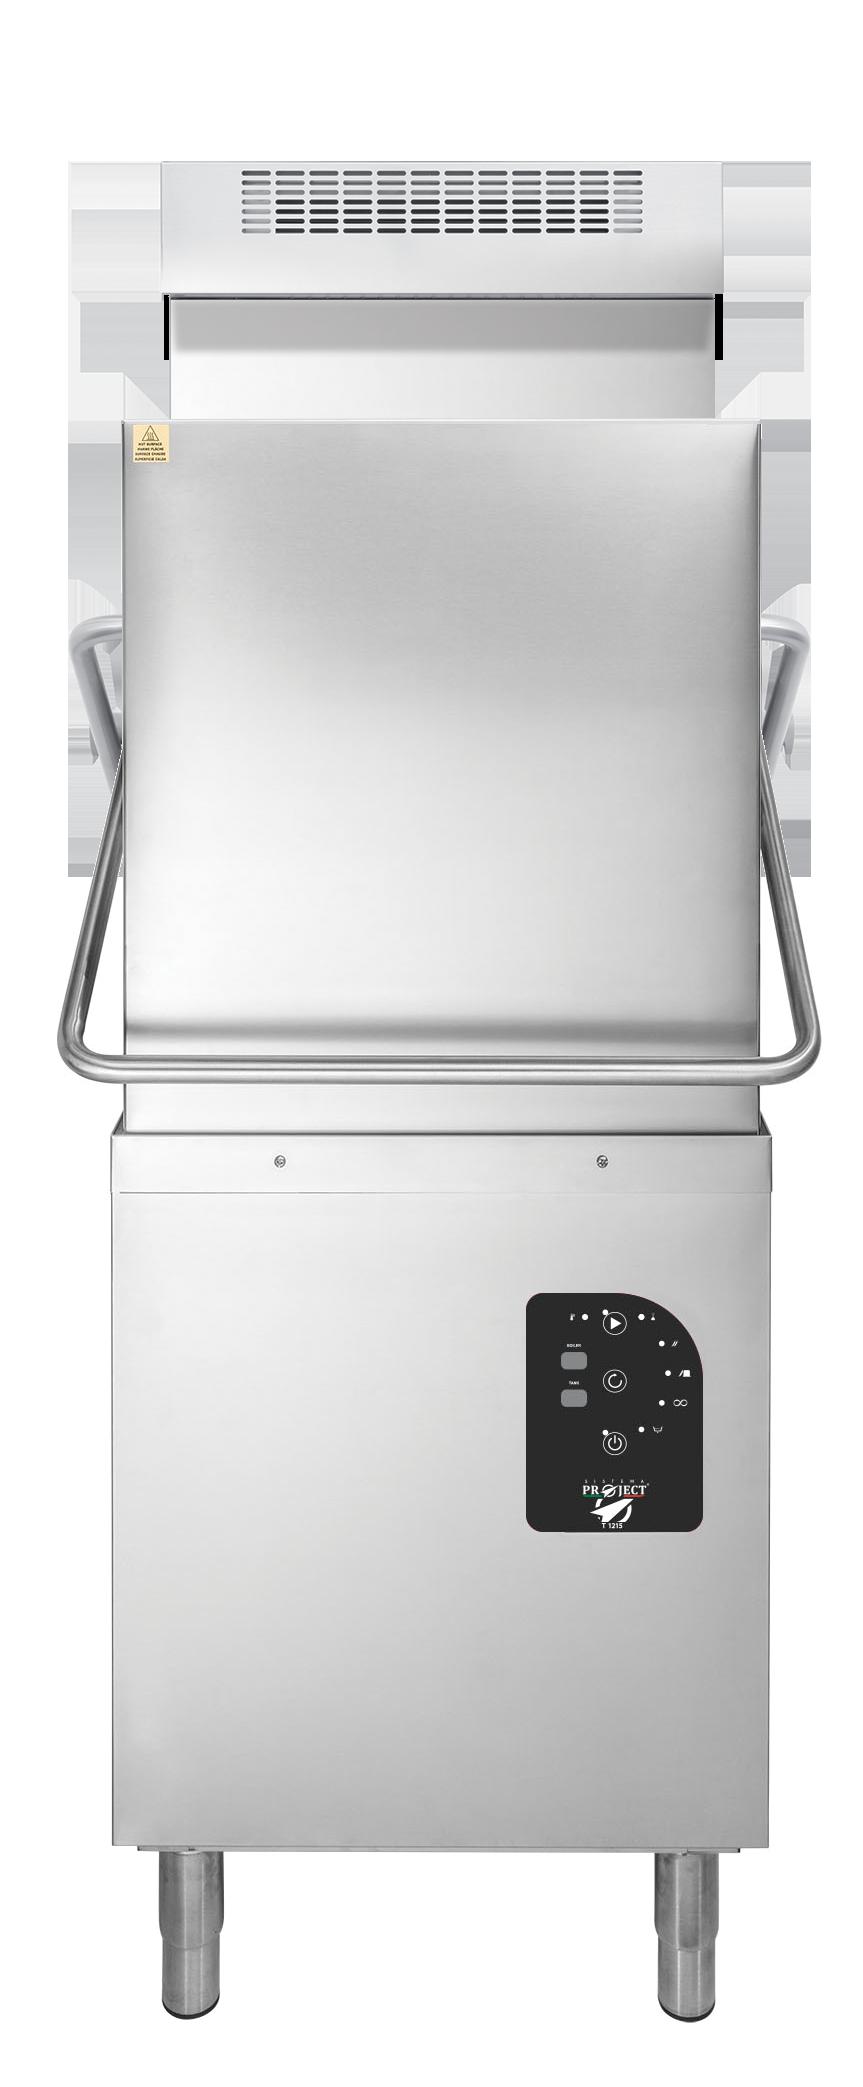 professional dishwasher t1215 Energy +